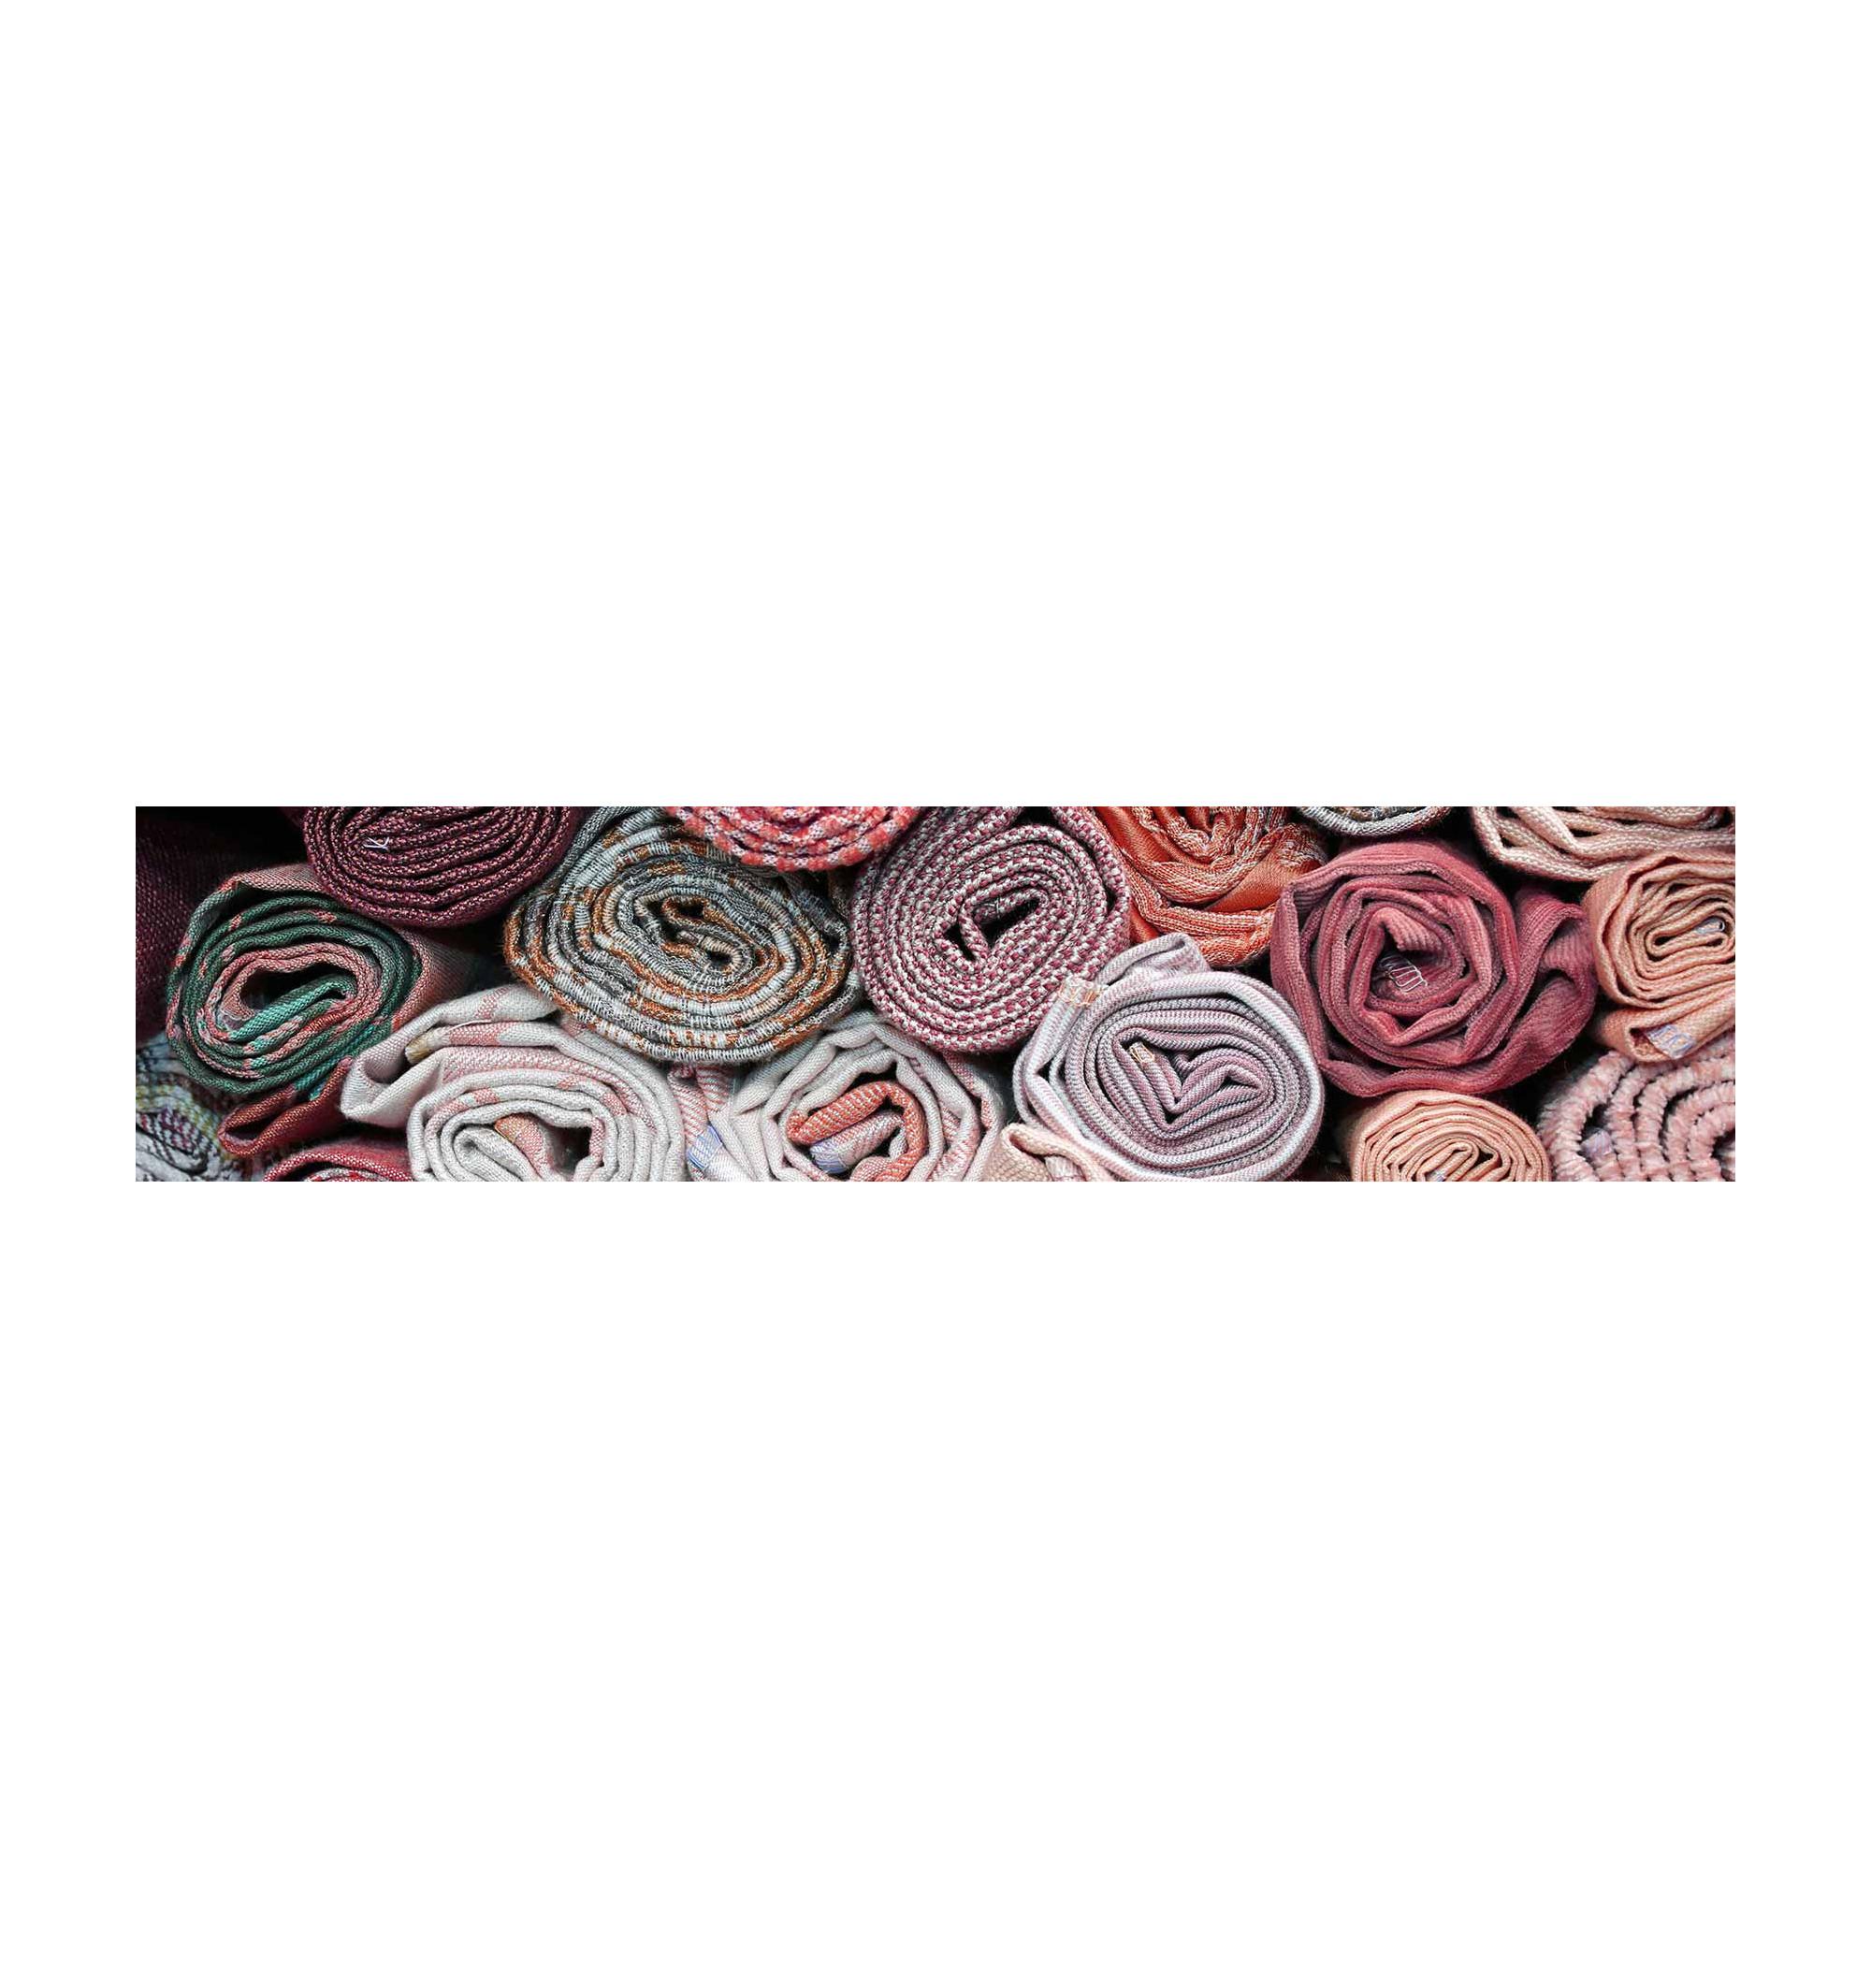 Tissu synthétique : crêpe de polyester, lyocell - Au Fil de Léontine